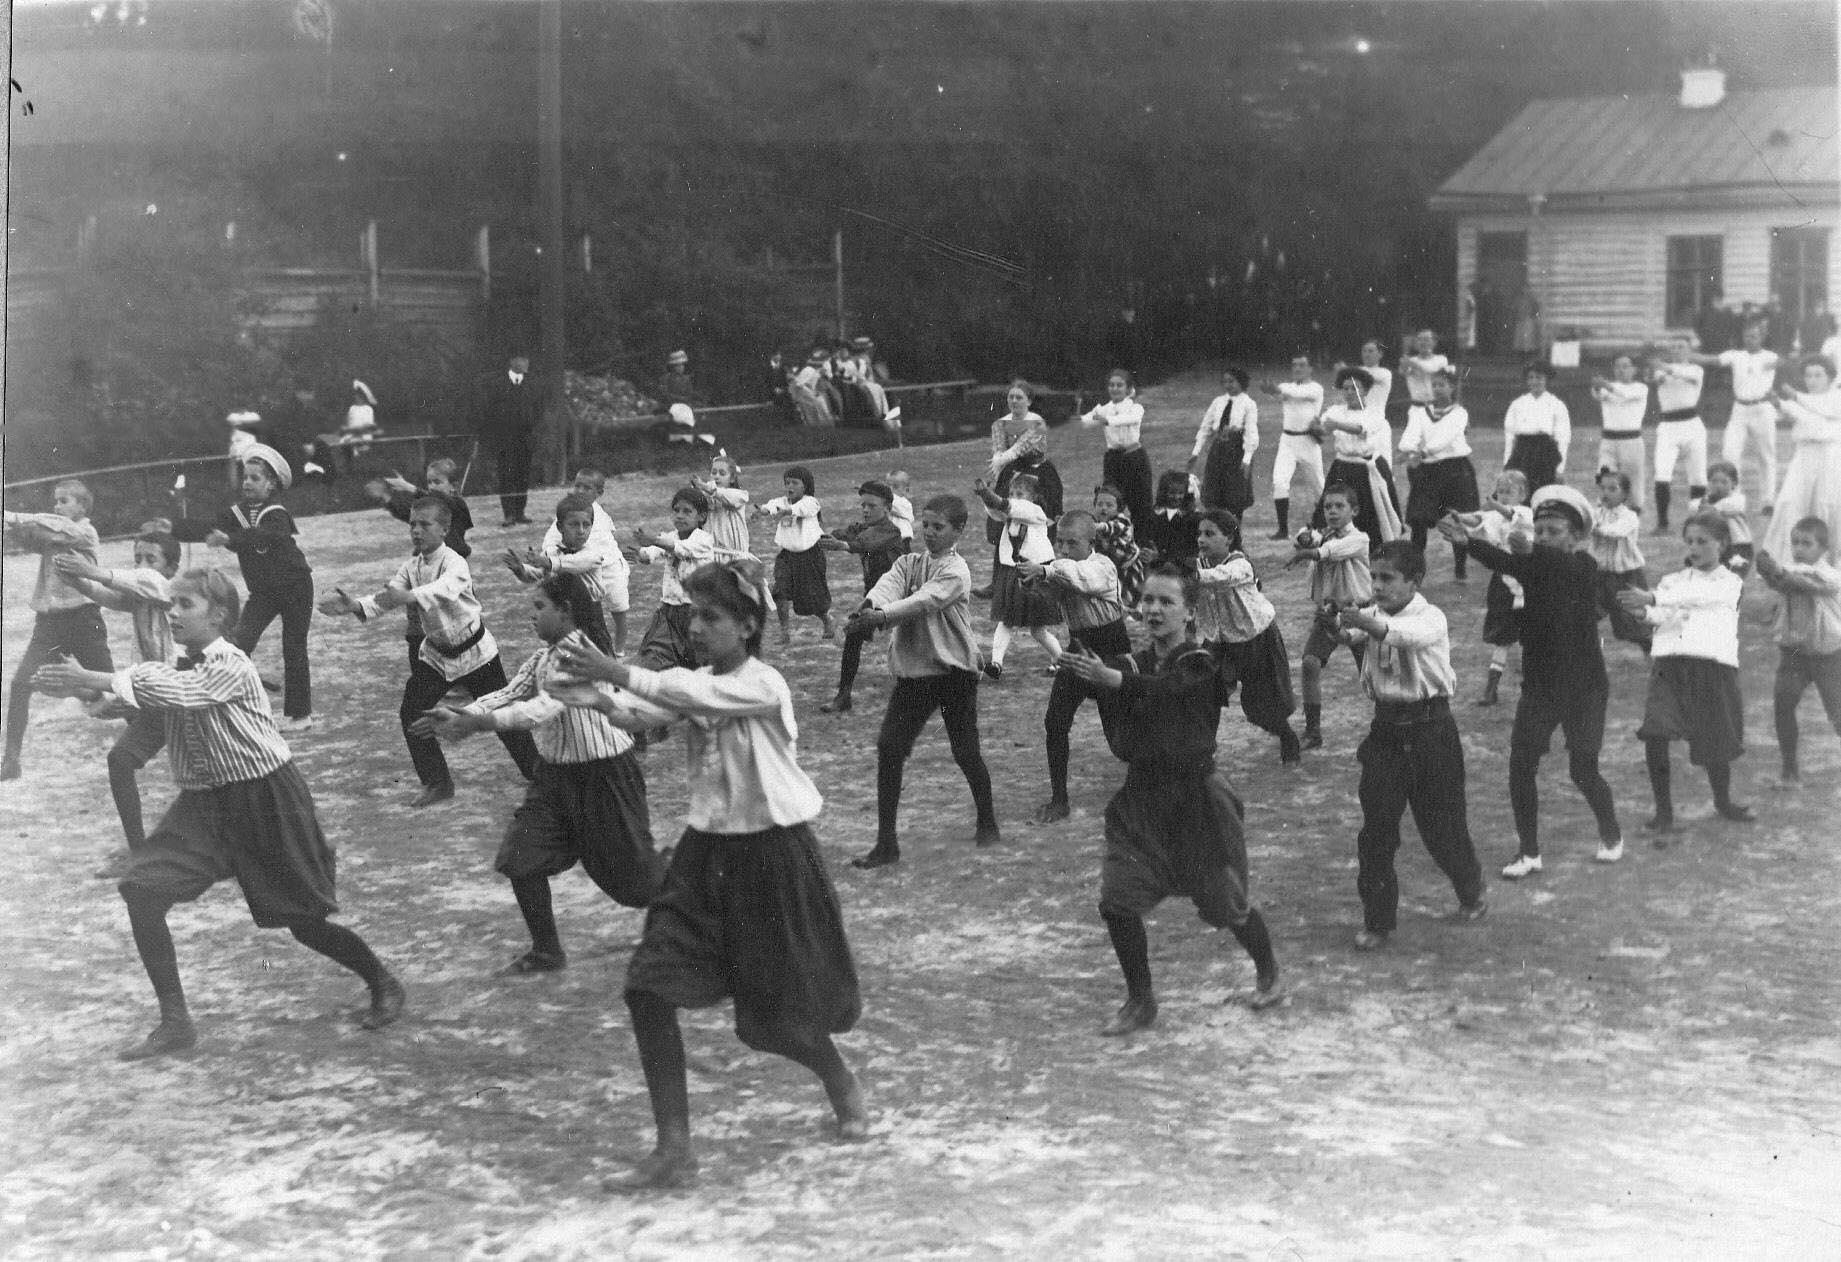 Группа детей и взрослых членов общества на занятиях гимнастикой